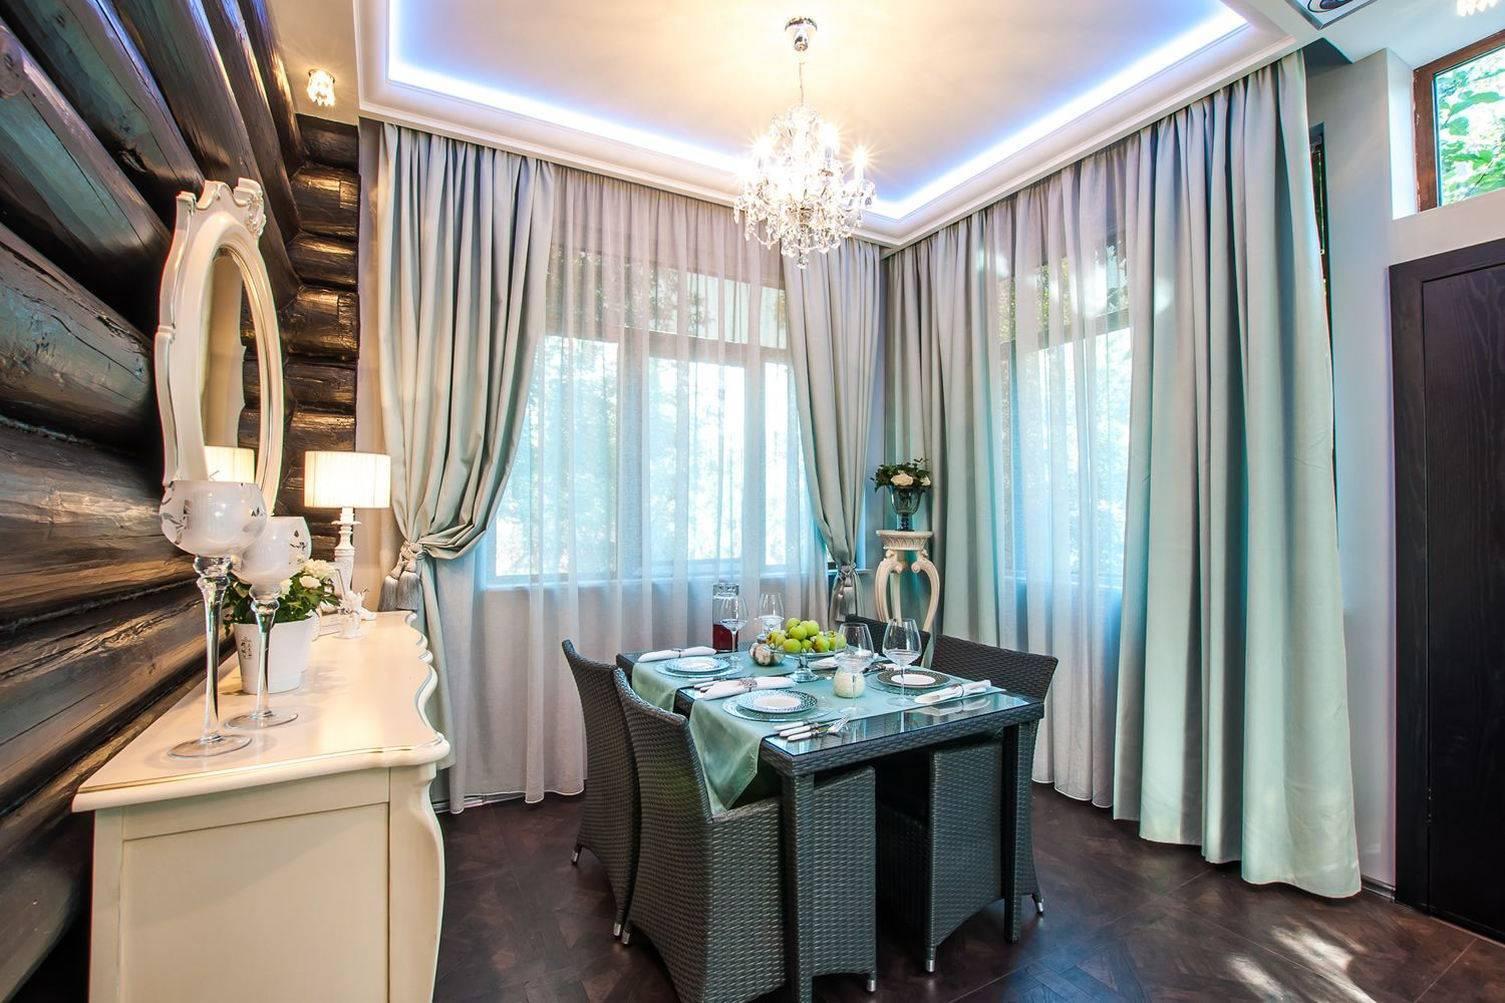 Шторы на два окна (28 фото): шторы в зал и гостиную, дизайн занавесок на кухню-столовую, студию и спальню, модели на два окна в одной комнате